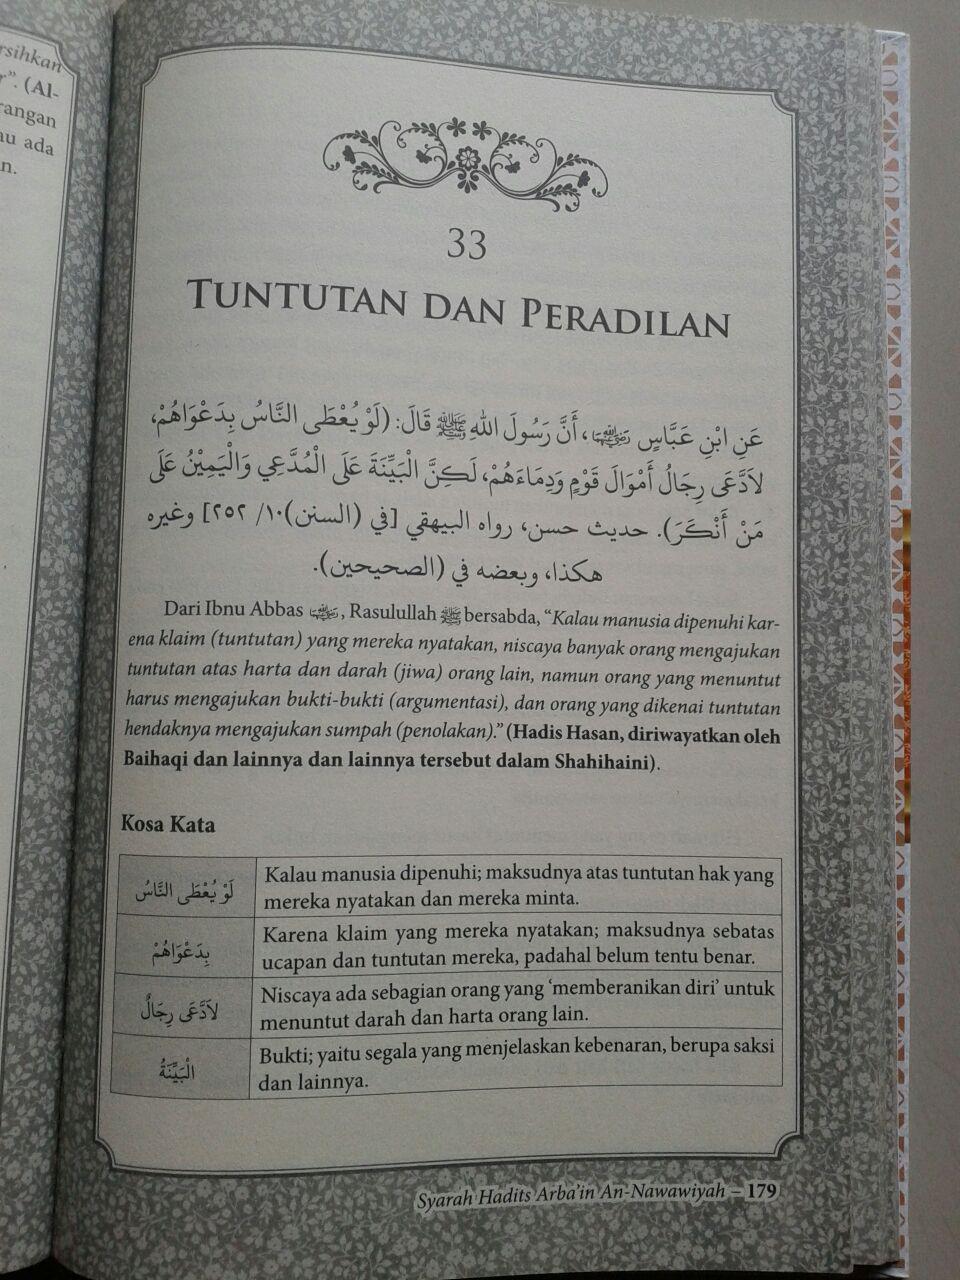 Buku Syarah Hadits Arba'in An-Nawawiyah isi 2